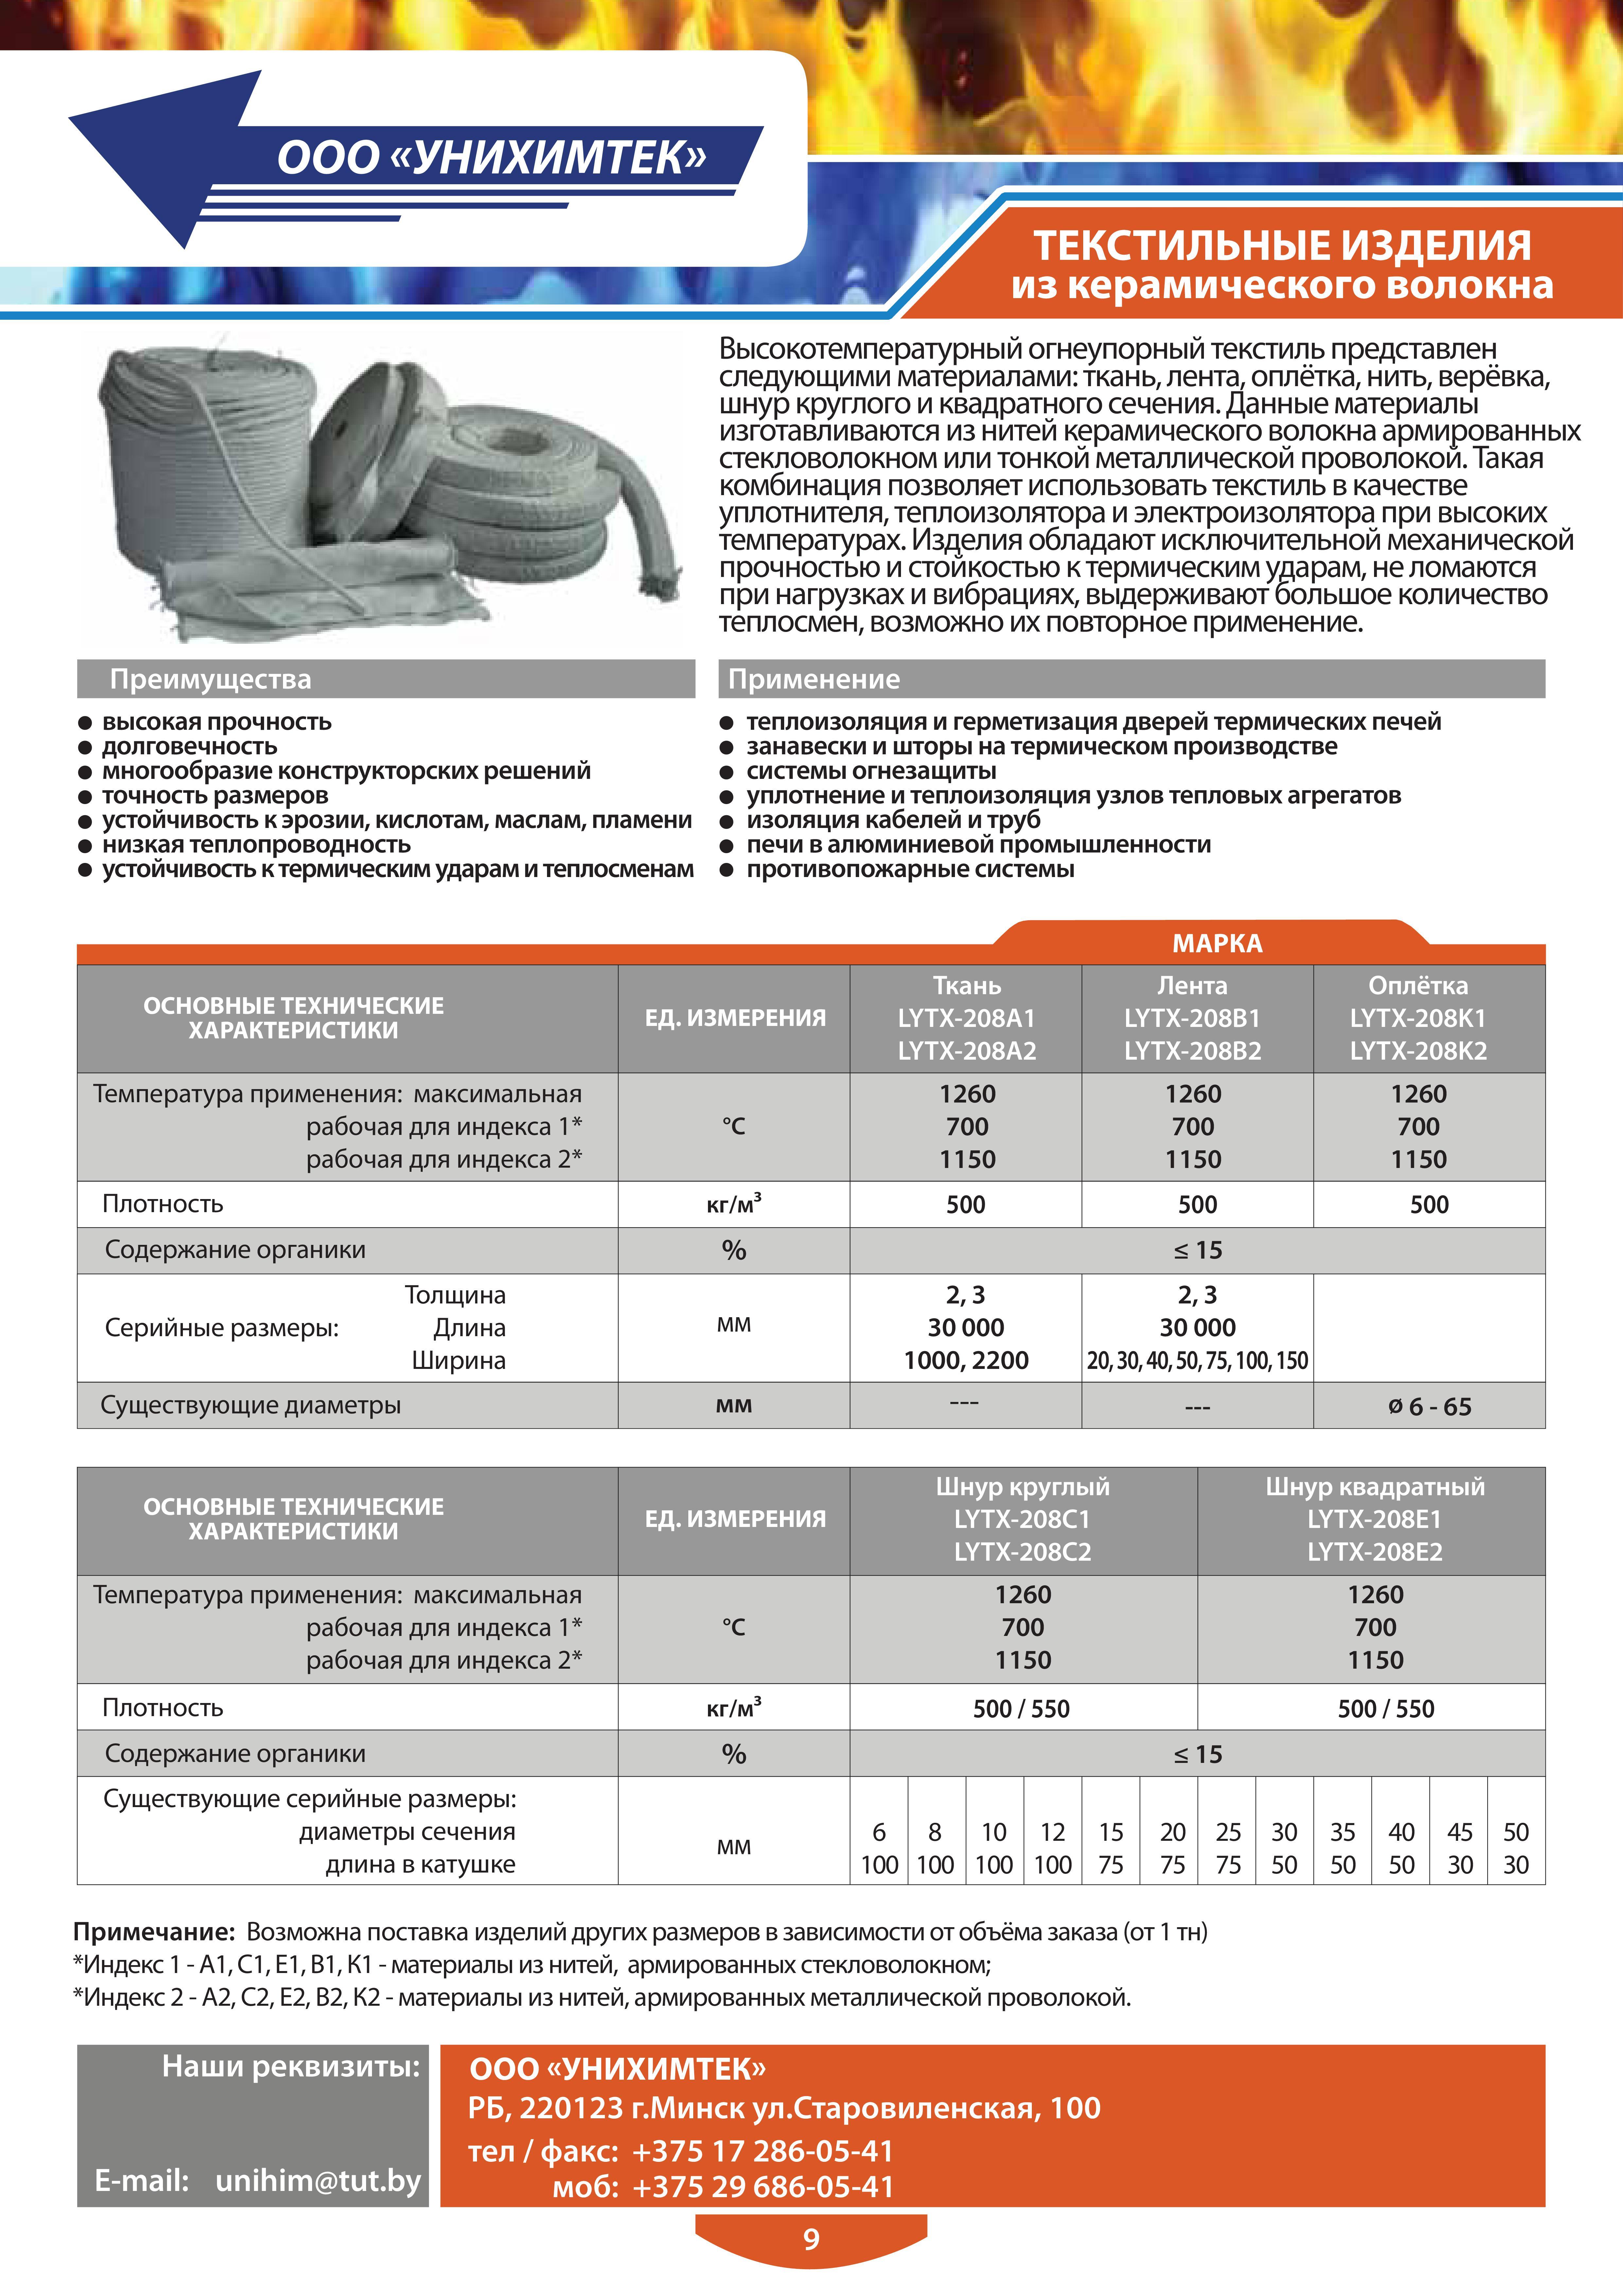 Самые дешевые проститутки города Москвы, недорогие шлюхи